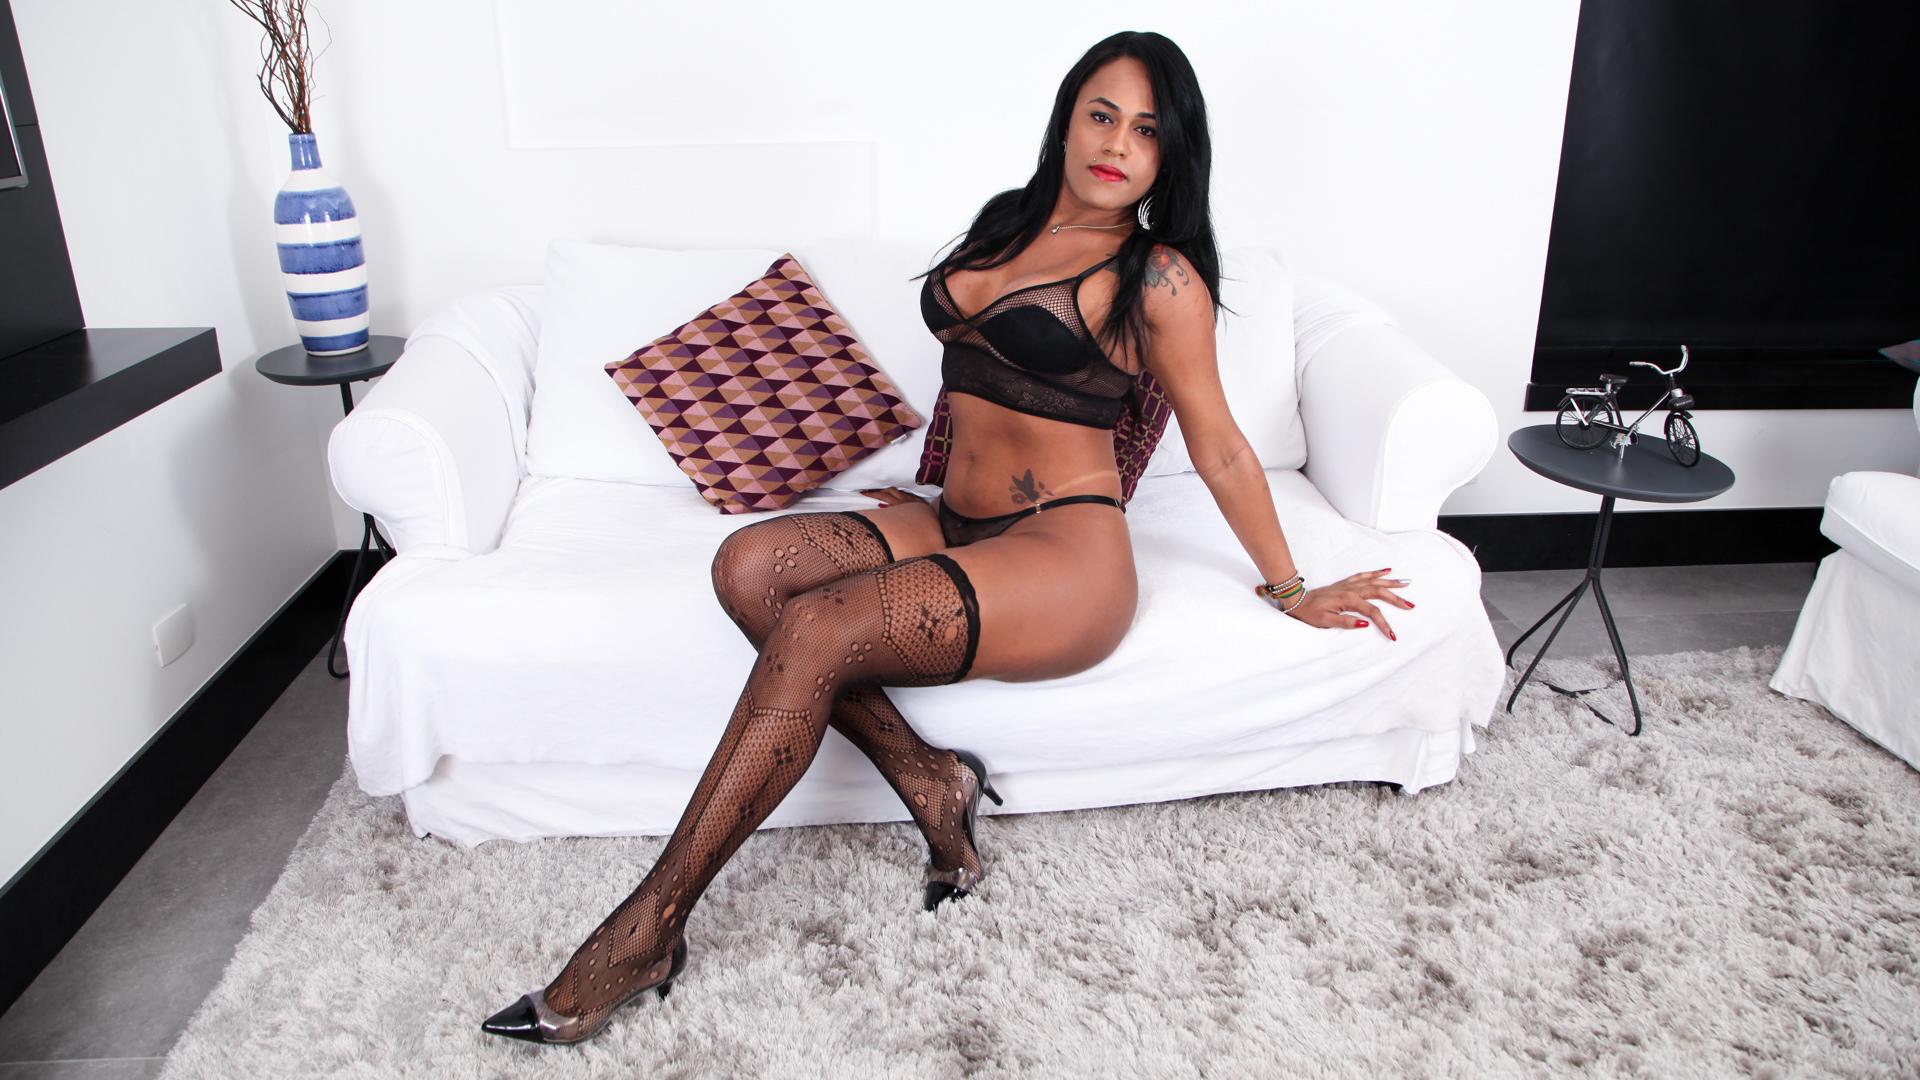 Mariana Rios - Mariana Rios 1